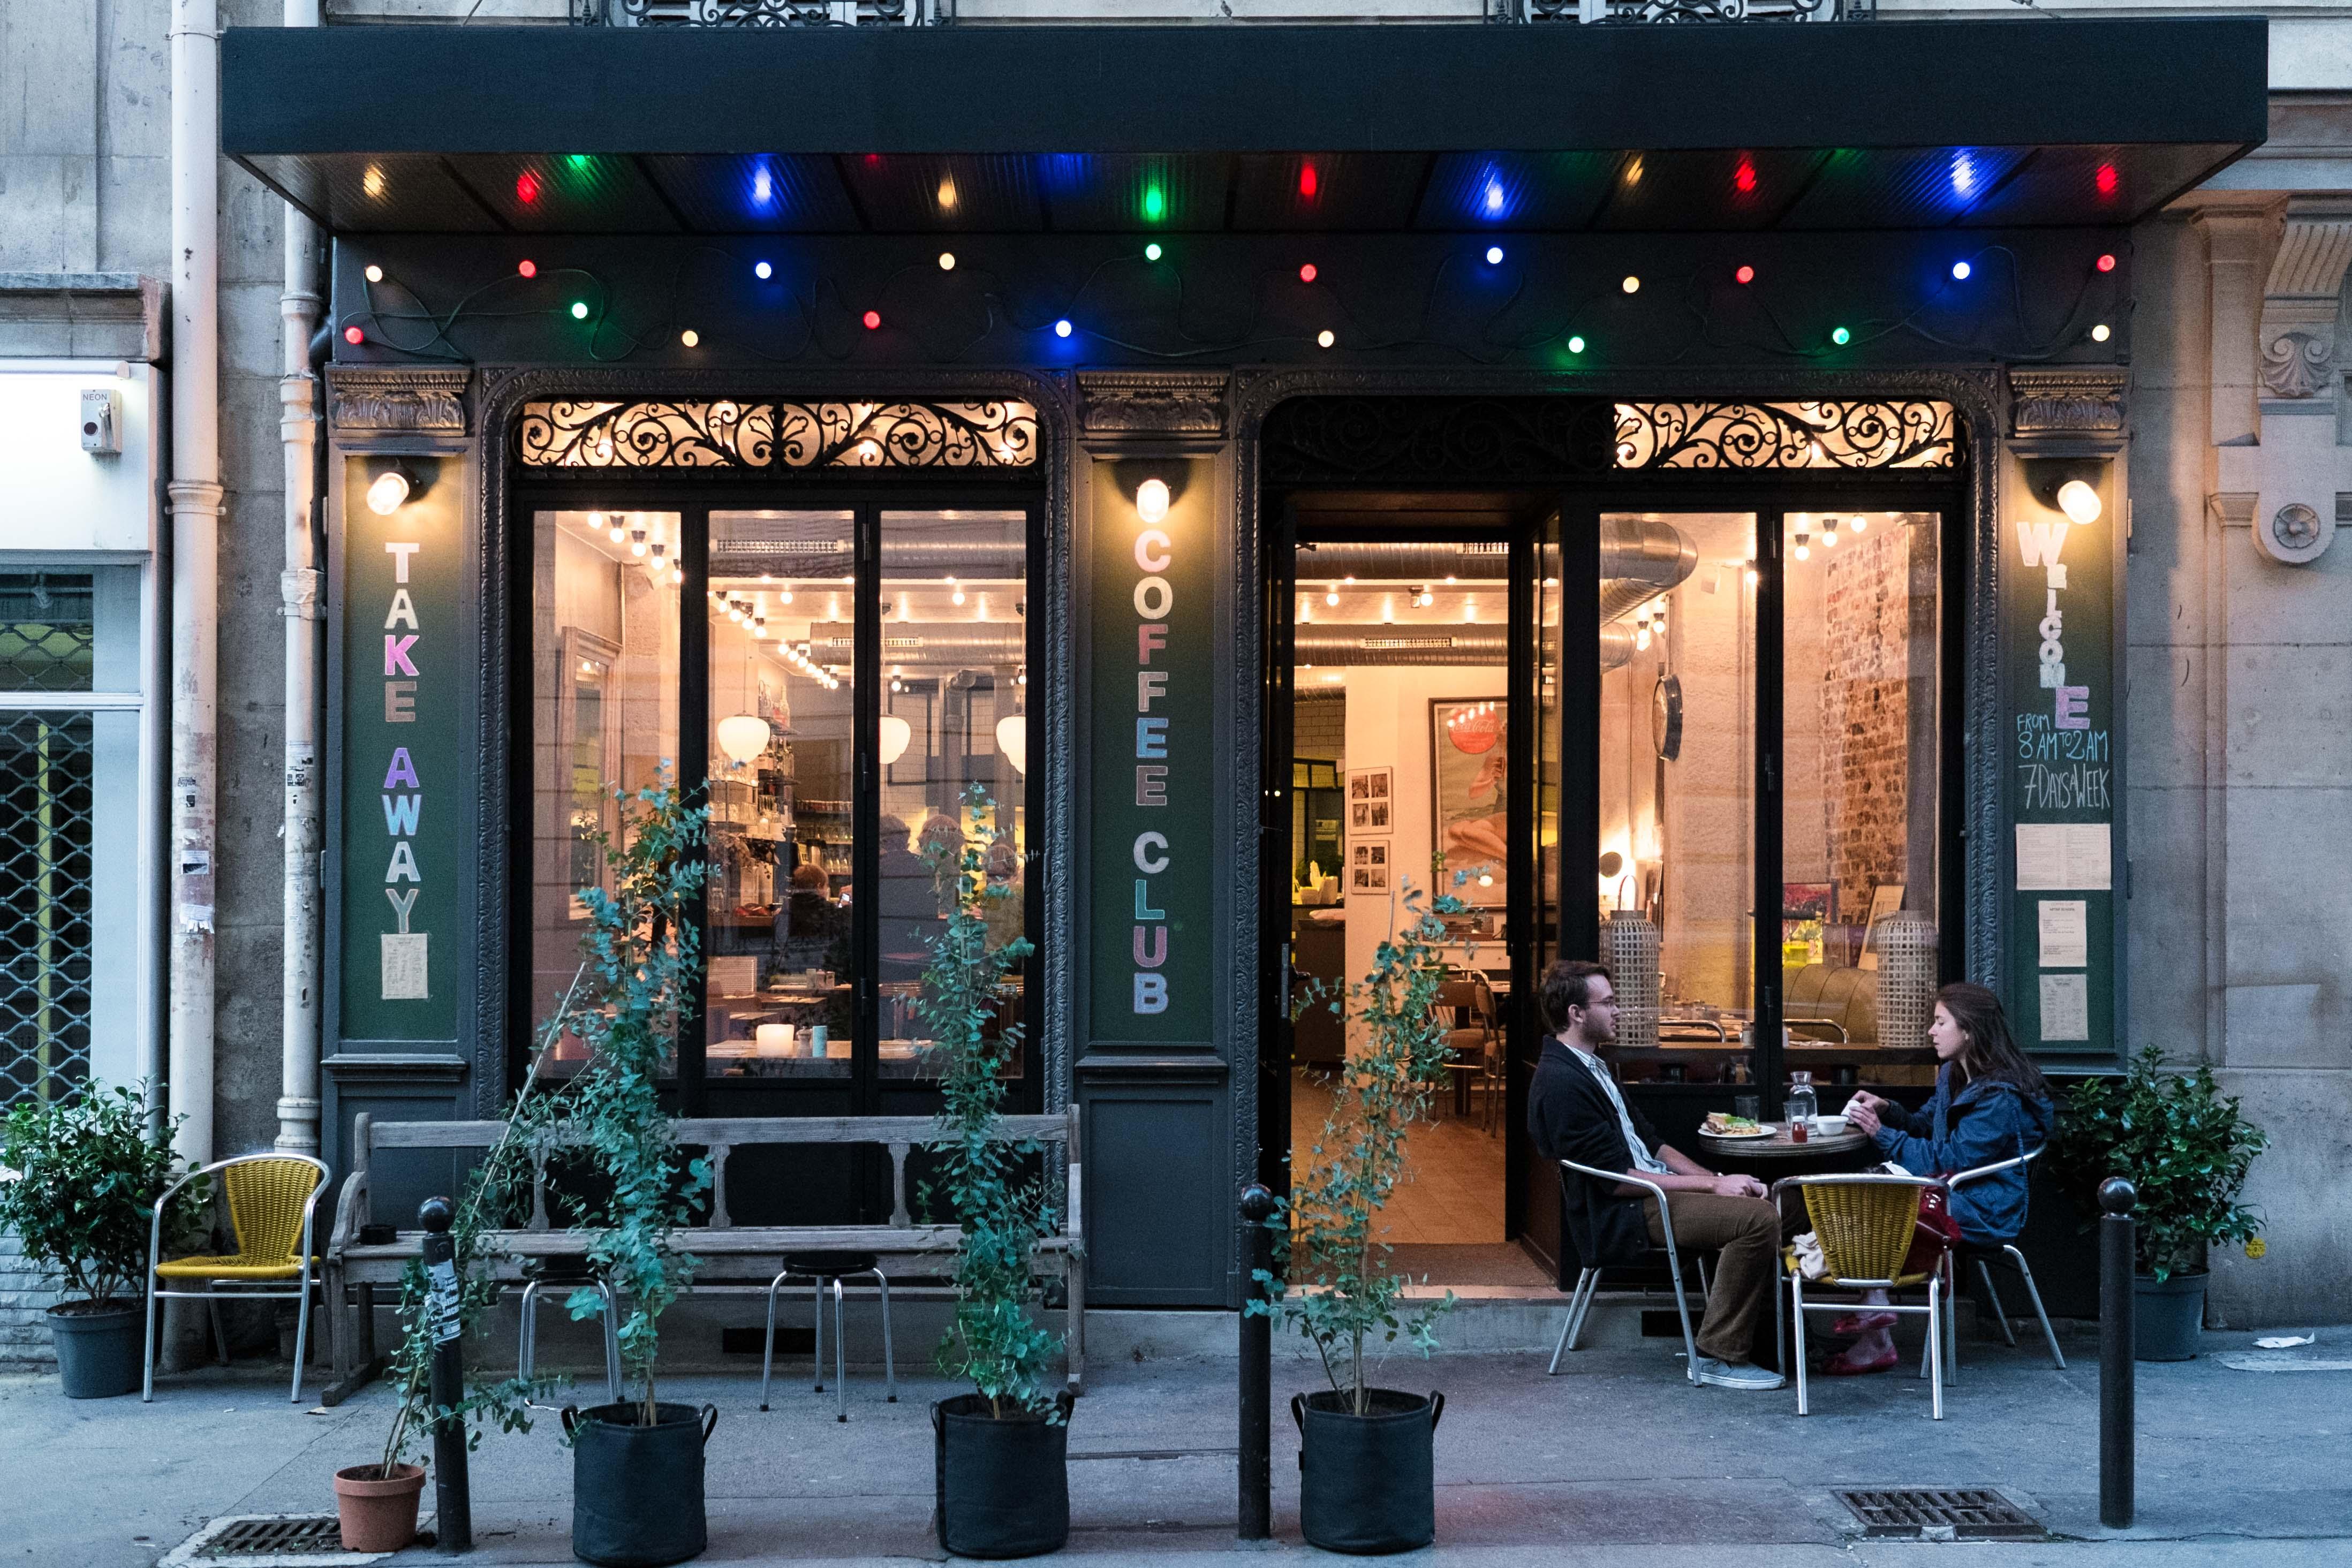 Coffee club une américaine à paris rive gauche